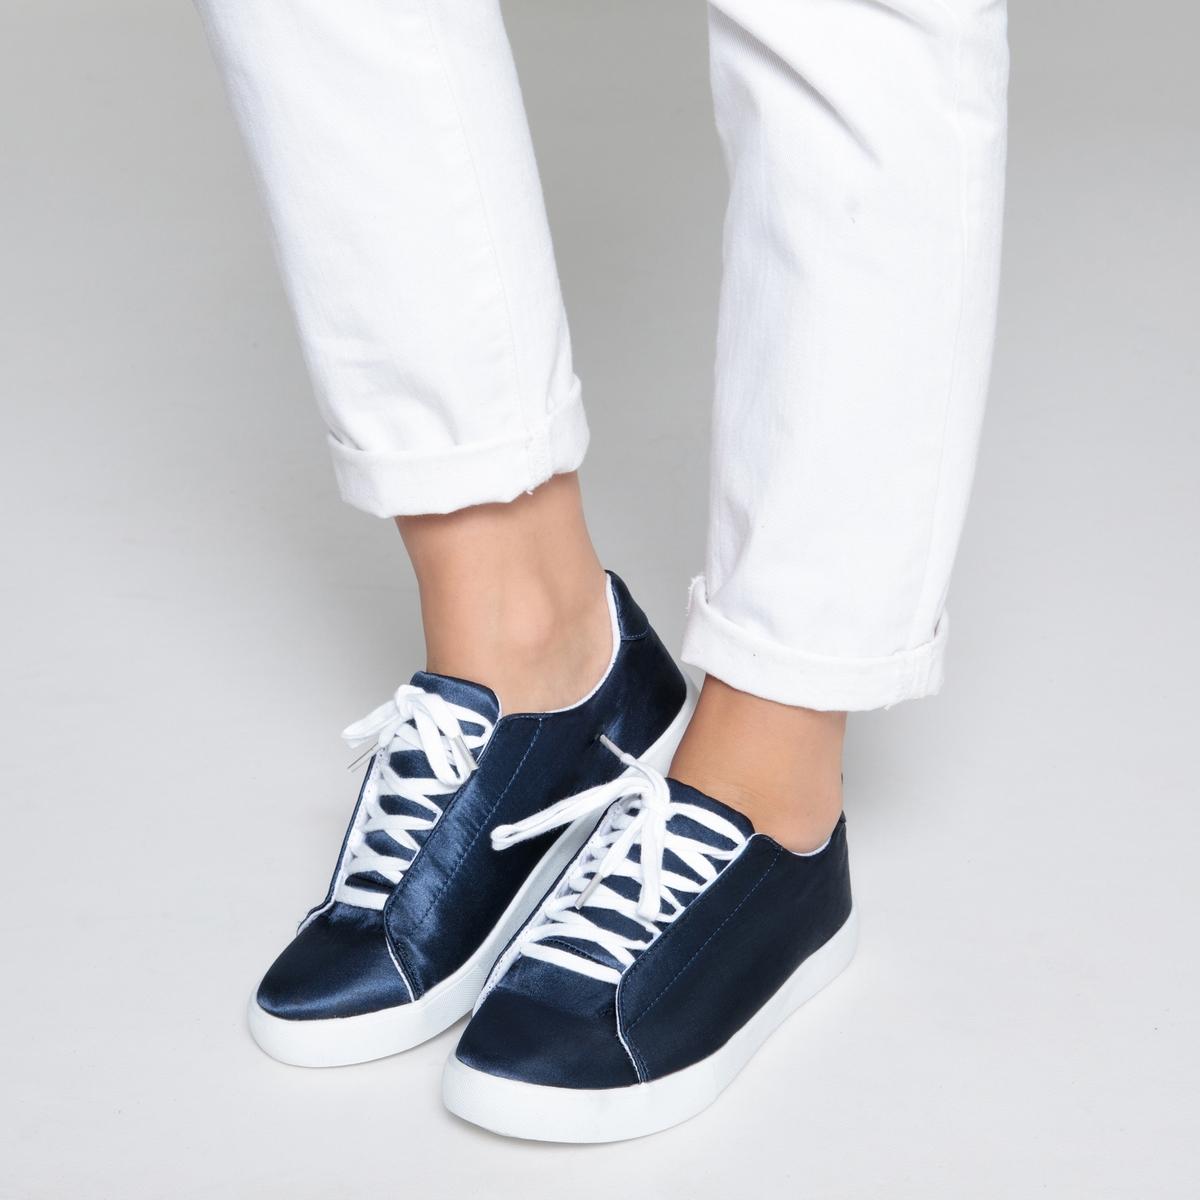 Кеды с сатиновым эффектомДетали  •  Спортивный стиль •  Плоский каблук •  Высота каблука : 0 см •  Застежка : шнуровка •  Гладкая отделкаСостав и уход  •  Верх 100% текстиль •  Подкладка 100% текстиль •  Стелька 100% текстиль •  Подошва 100% эластомер<br><br>Цвет: синий,темно-зеленый<br>Размер: 41.40.39.38.37.36.42.41.40.39.38.37.36